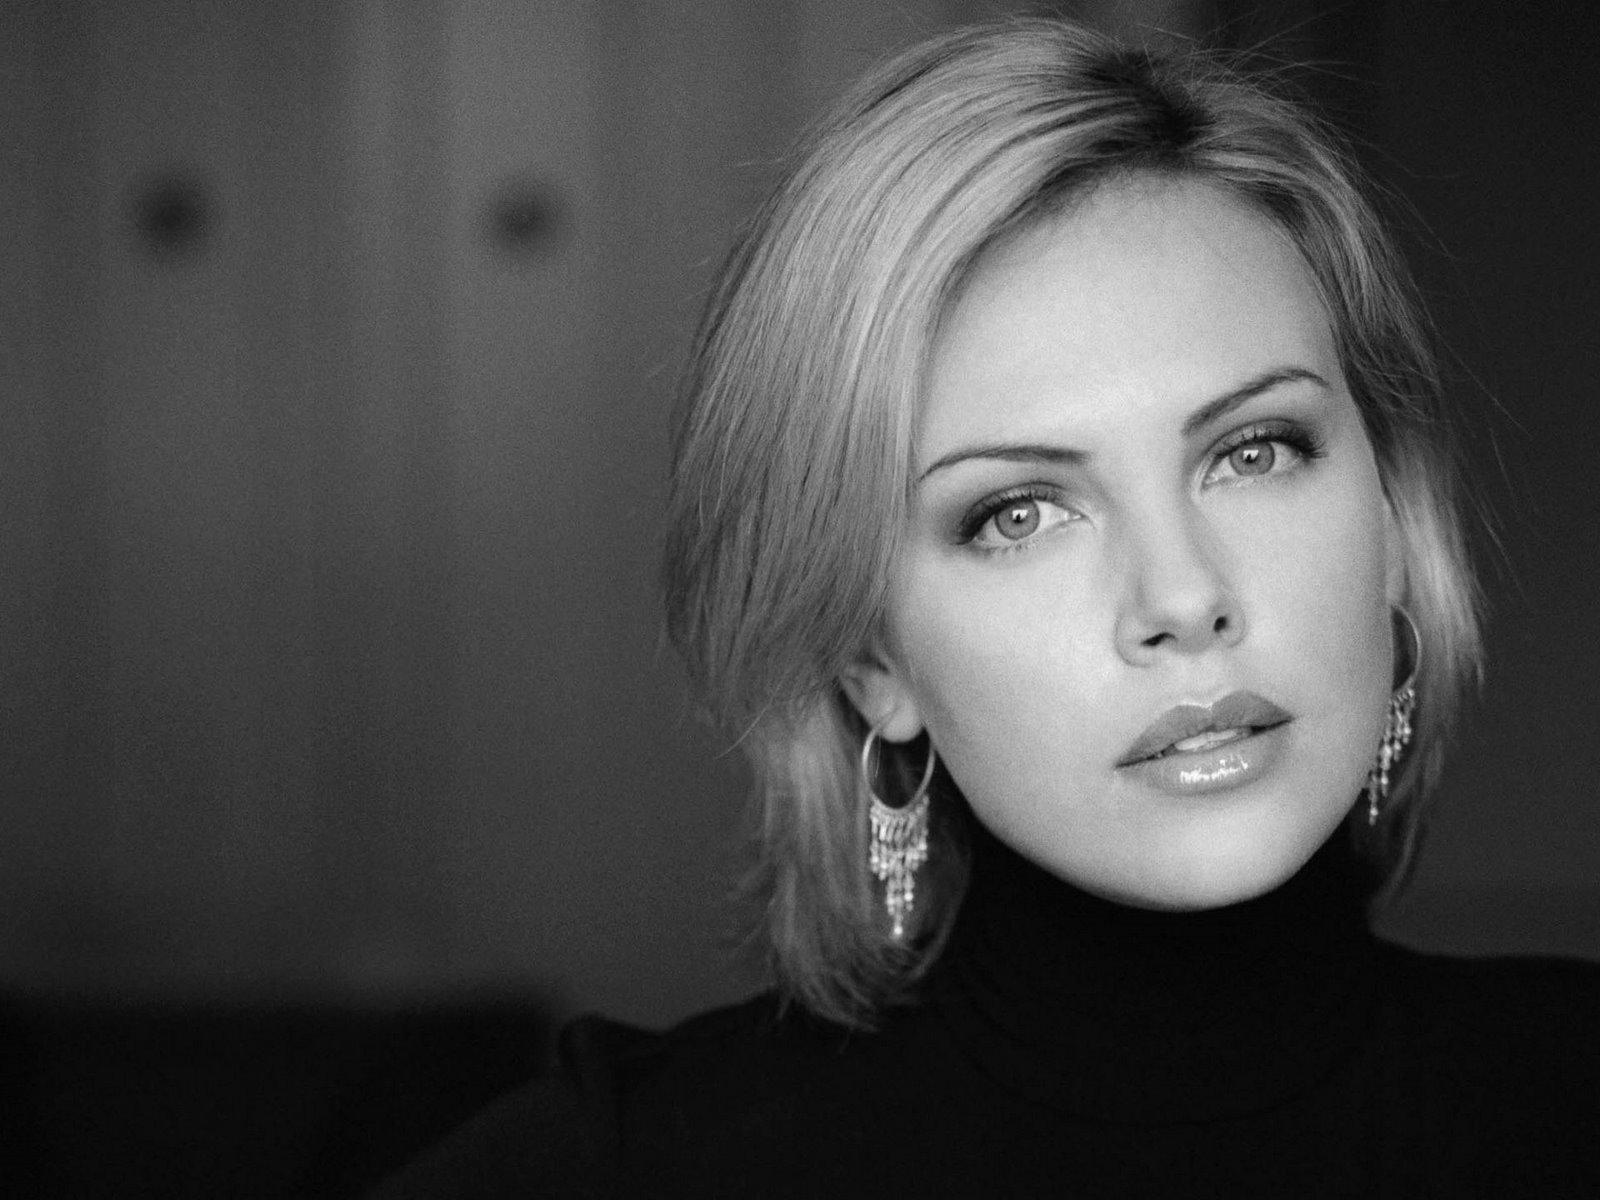 Фото женщин 30 лет, Красивые женщины, которым немного за 30 лет(15 фото) 2 фотография